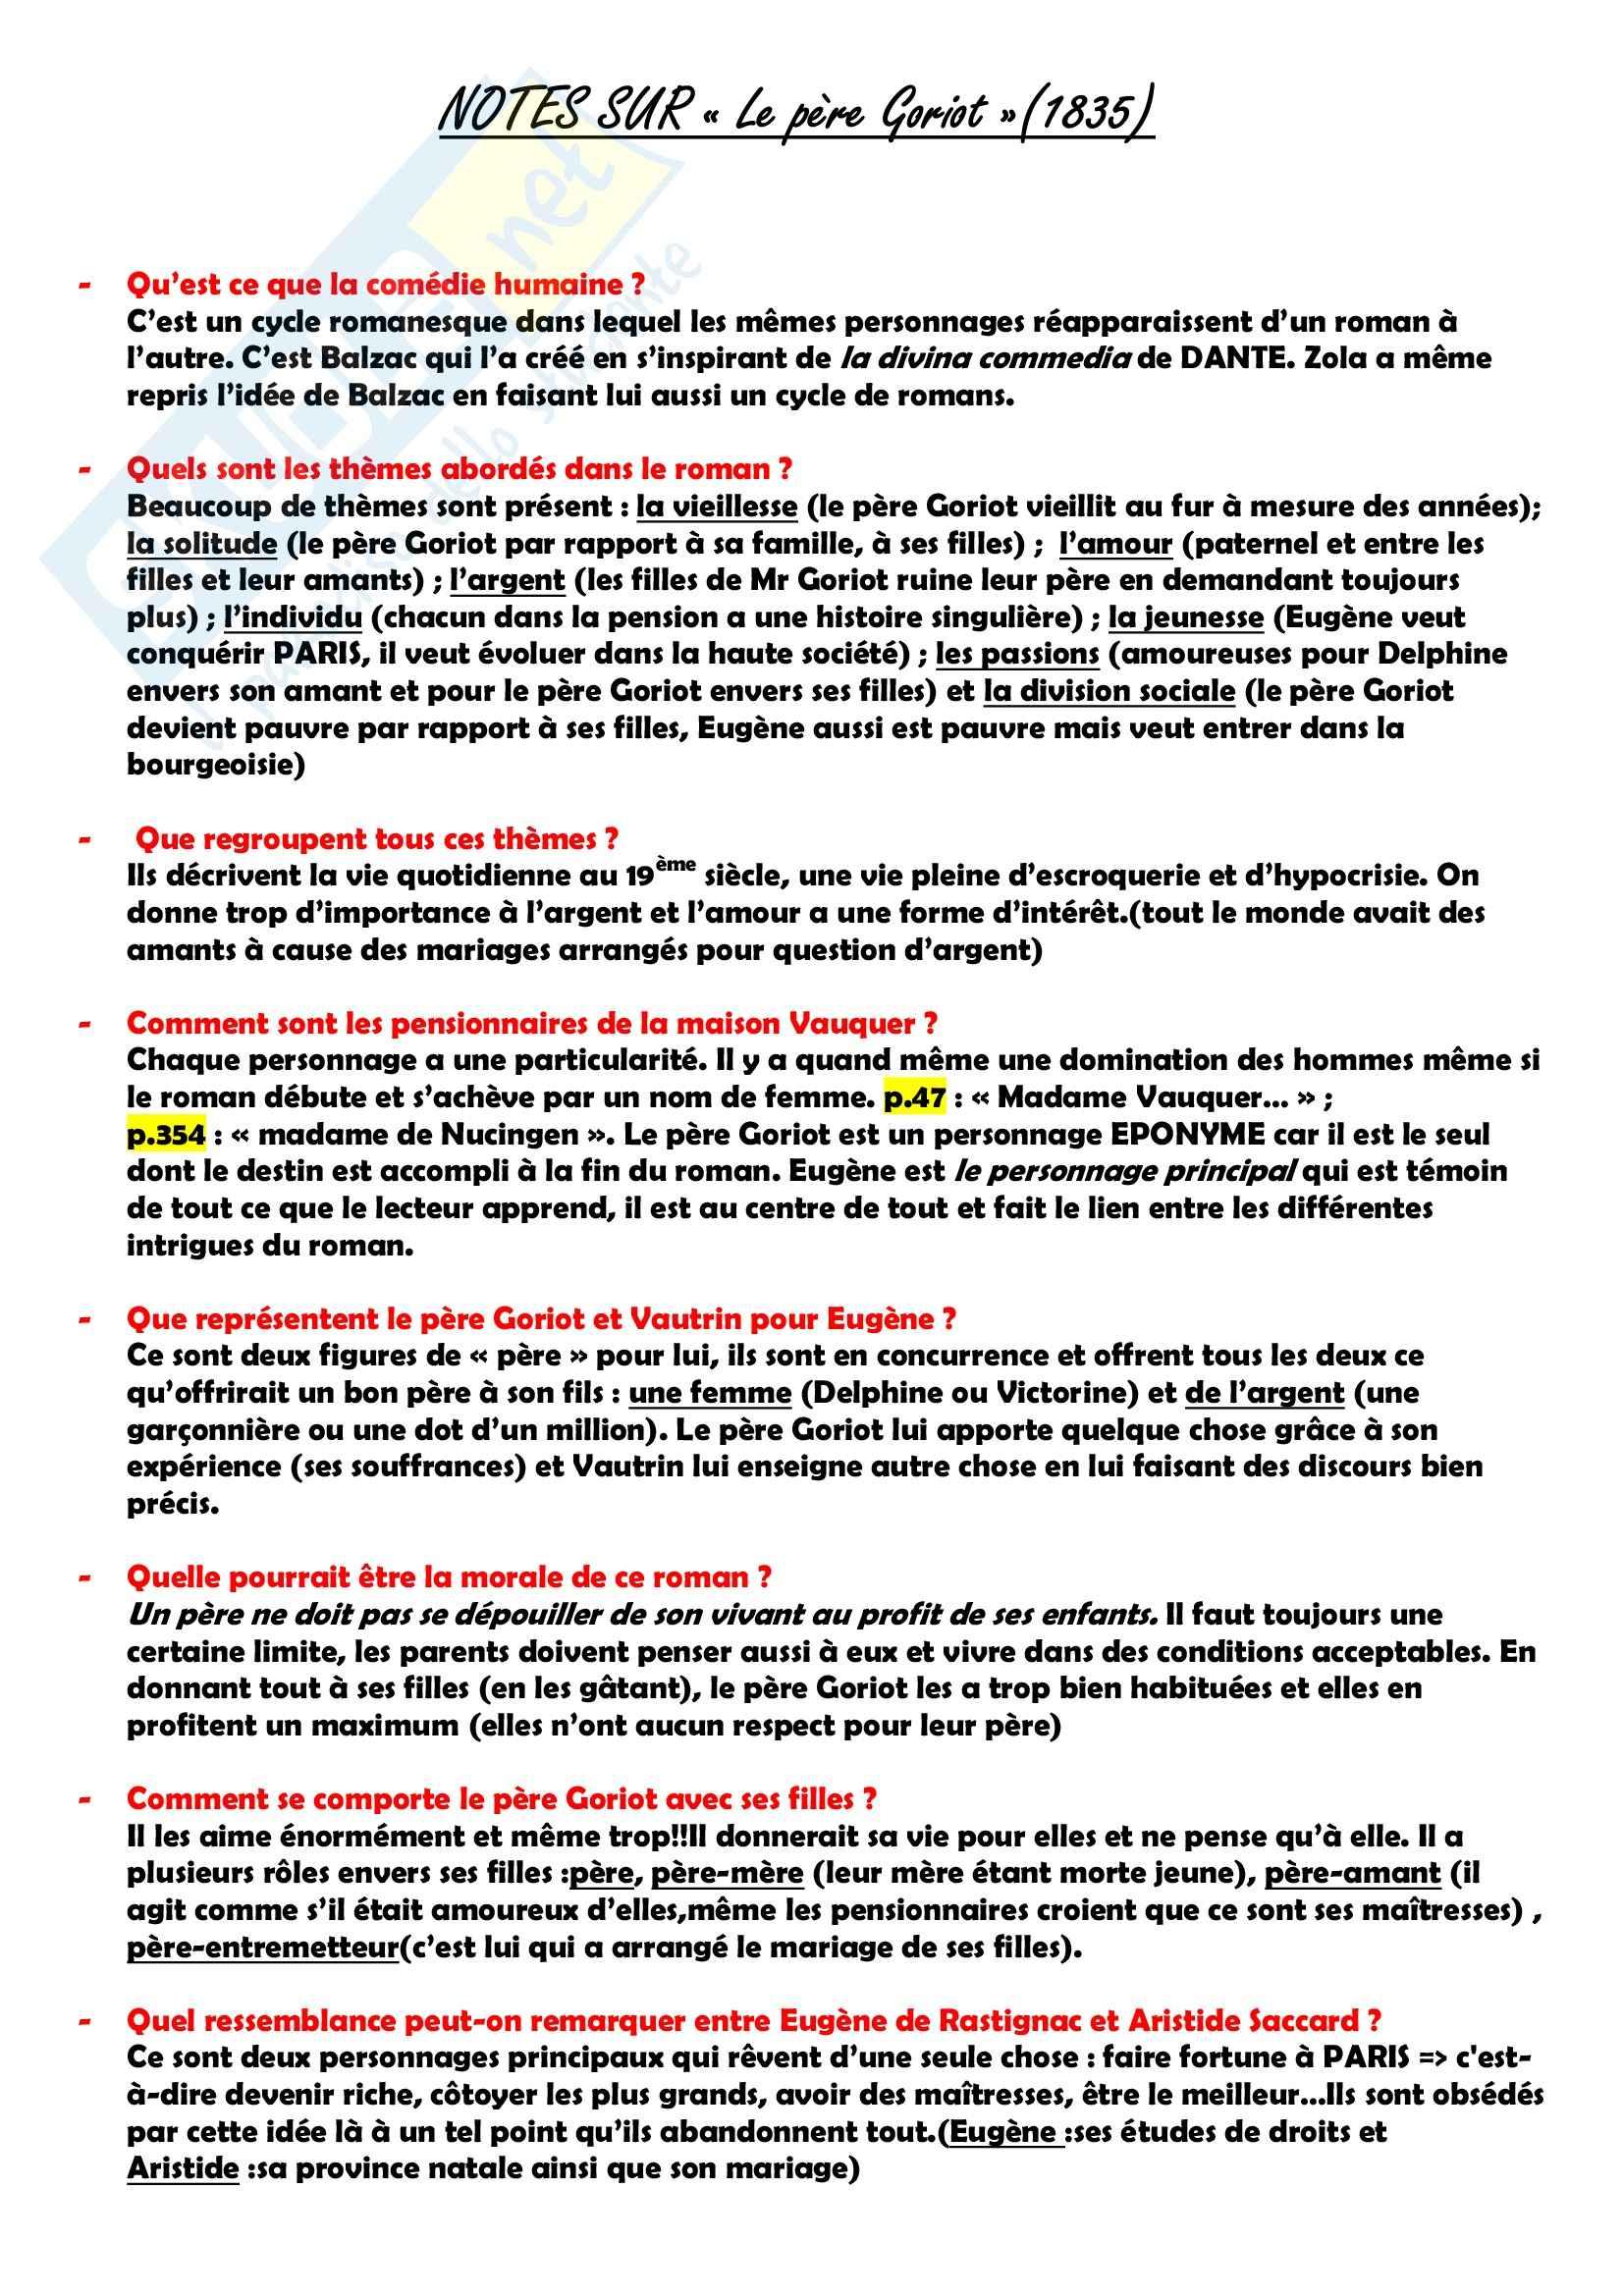 Letteratura francese - Notes sur Le père Goriot